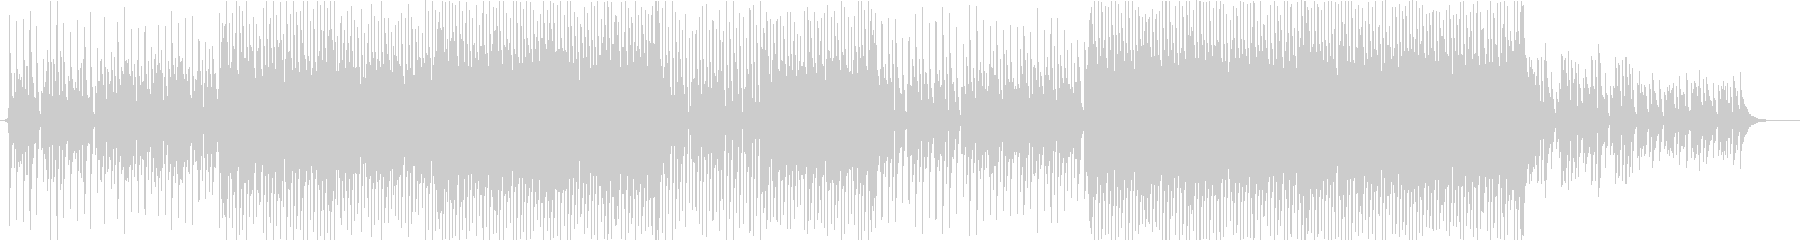 ほのぼの明るいポップなウクレレの未再生の波形